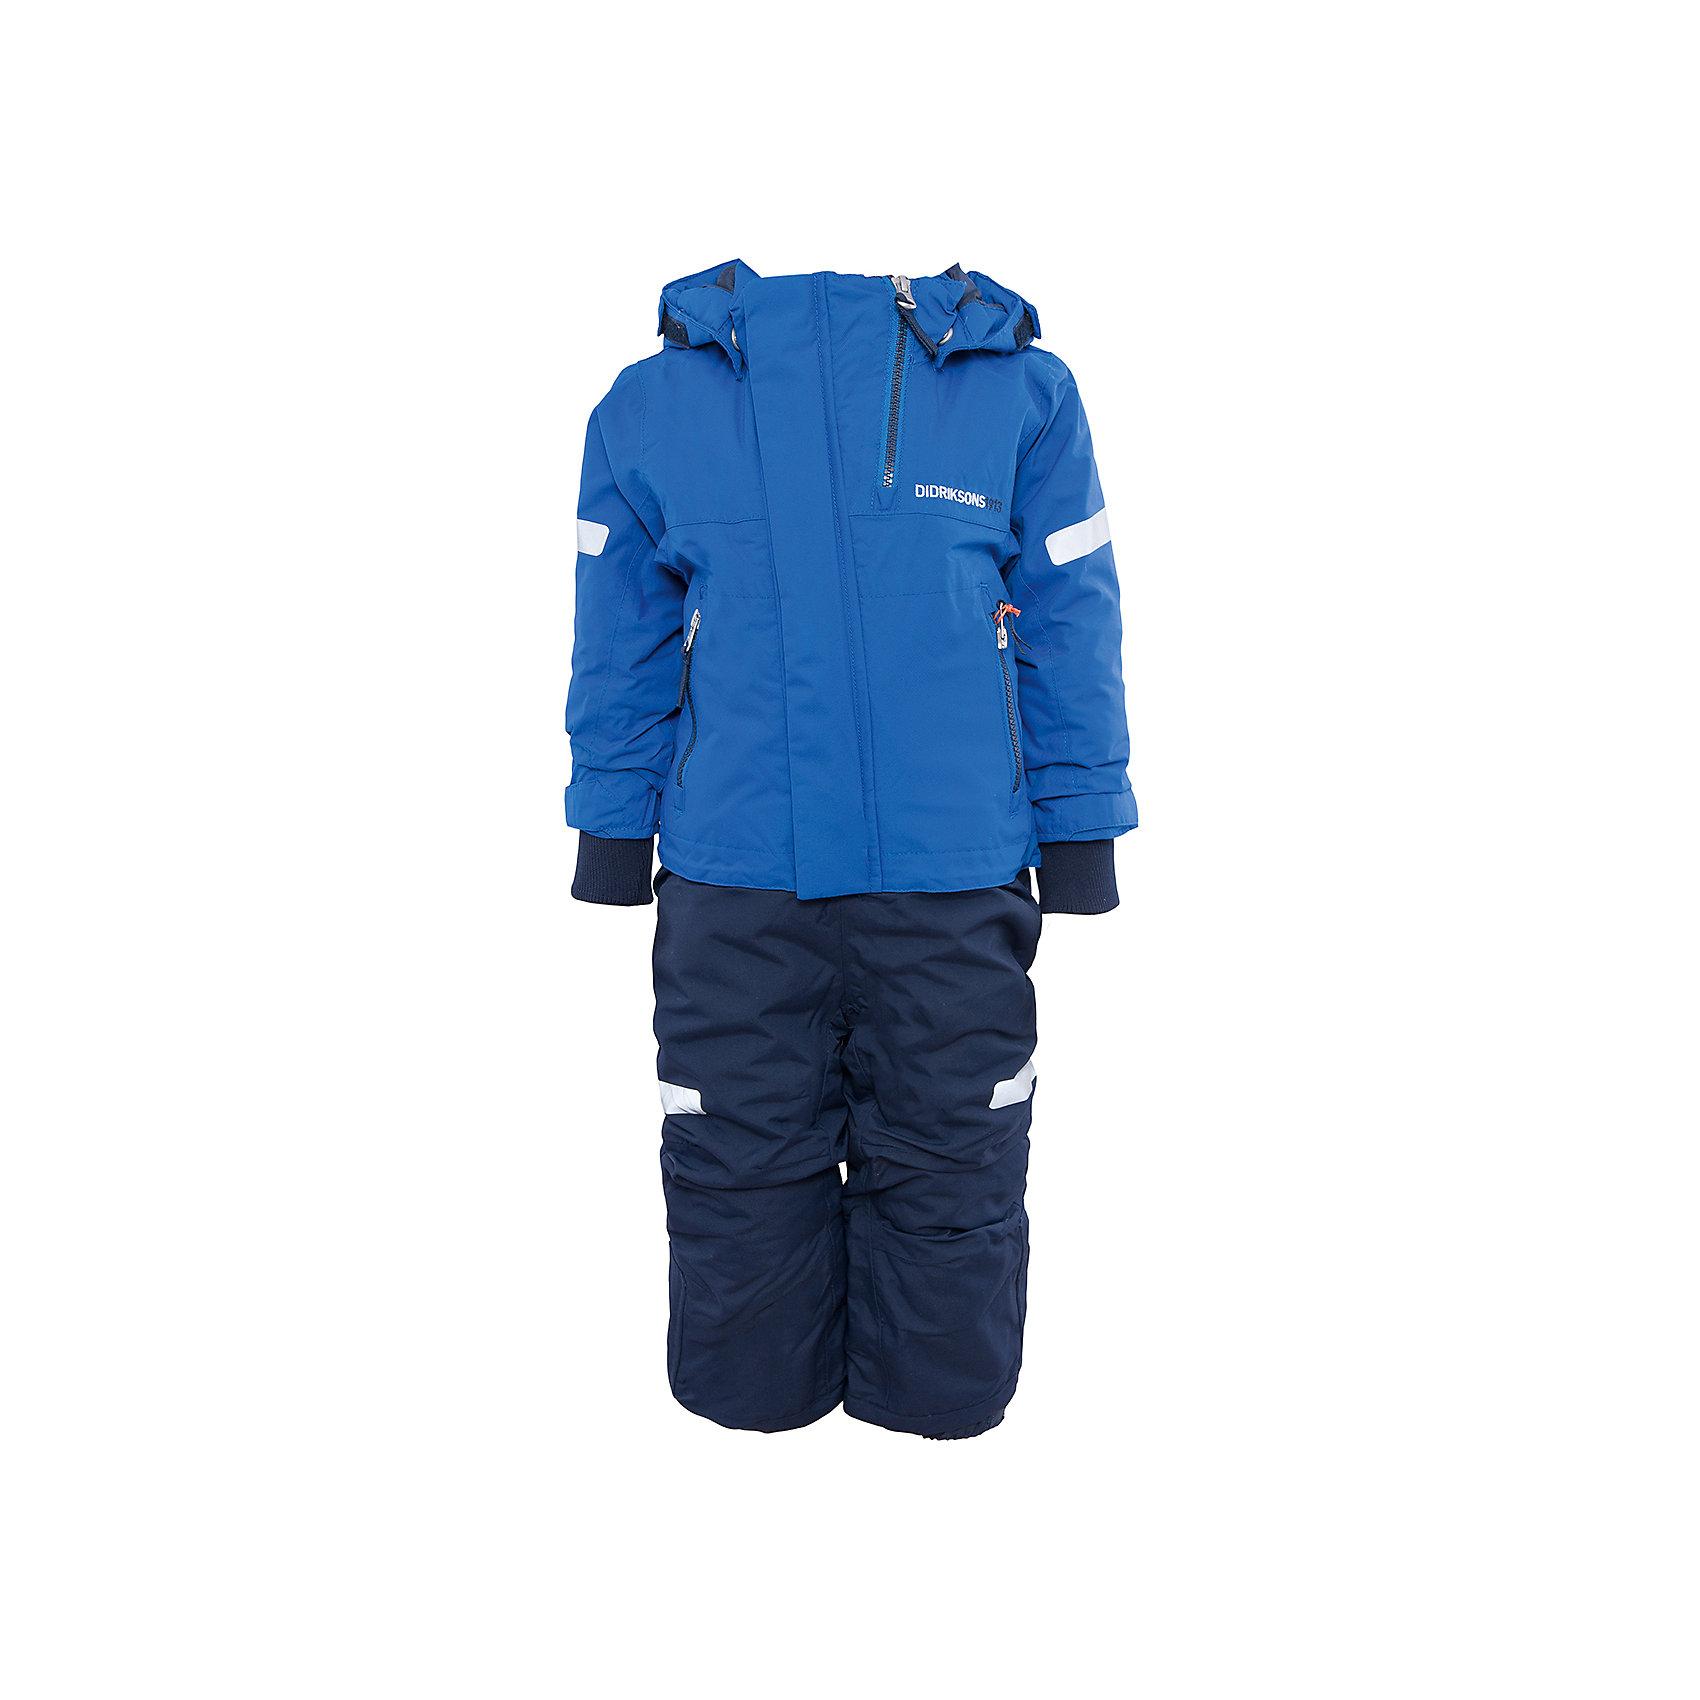 Комбинезон Rasne для мальчика DIDRIKSONSВерхняя одежда<br>Характеристики товара:<br><br>• цвет: синий<br>• материал: 100% полиамид, подкладка 100% полиэстер<br>• утеплитель: 140 г/м<br>• сезон: зима<br>• температурный режим от +5 до -20С<br>• непромокаемая и непродуваемая мембранная ткань<br>• резинки для ботинок<br>• дополнительная пропитка верха<br>• прокленные швы<br>• регулируемый съемный капюшон<br>• талия, манжеты и ширина брючины регулируется<br>• внутренние гетры<br>• внутренние трикотажные манжеты<br>• фронтальная молния под планкой<br>• светоотражающие детали<br>• можно увеличить длину рукавов и штанин на один размер <br>• страна бренда: Швеция<br>• страна производства: Китай<br><br>Такой комбинезон незаменим зимой! Это не только стильно, но еще и очень комфортно, а также тепло. Он обеспечит ребенку удобство при прогулках и активном отдыхе зимой. Комбинезон от шведского производителя легко трансформируется под рост ребенка и погодные условия.<br>Модель сшита из мембранной ткани, которая позволяет телу дышать, но при этом не промокает и не продувается. Очень стильная и удобная модель! Изделие качественно выполнено, сделано из безопасных для детей материалов. <br><br>Комбинезон для мальчика от бренда DIDRIKSONS можно купить в нашем интернет-магазине.<br><br>Ширина мм: 356<br>Глубина мм: 10<br>Высота мм: 245<br>Вес г: 519<br>Цвет: синий<br>Возраст от месяцев: 12<br>Возраст до месяцев: 15<br>Пол: Мужской<br>Возраст: Детский<br>Размер: 80,120,90,100,110<br>SKU: 5003956